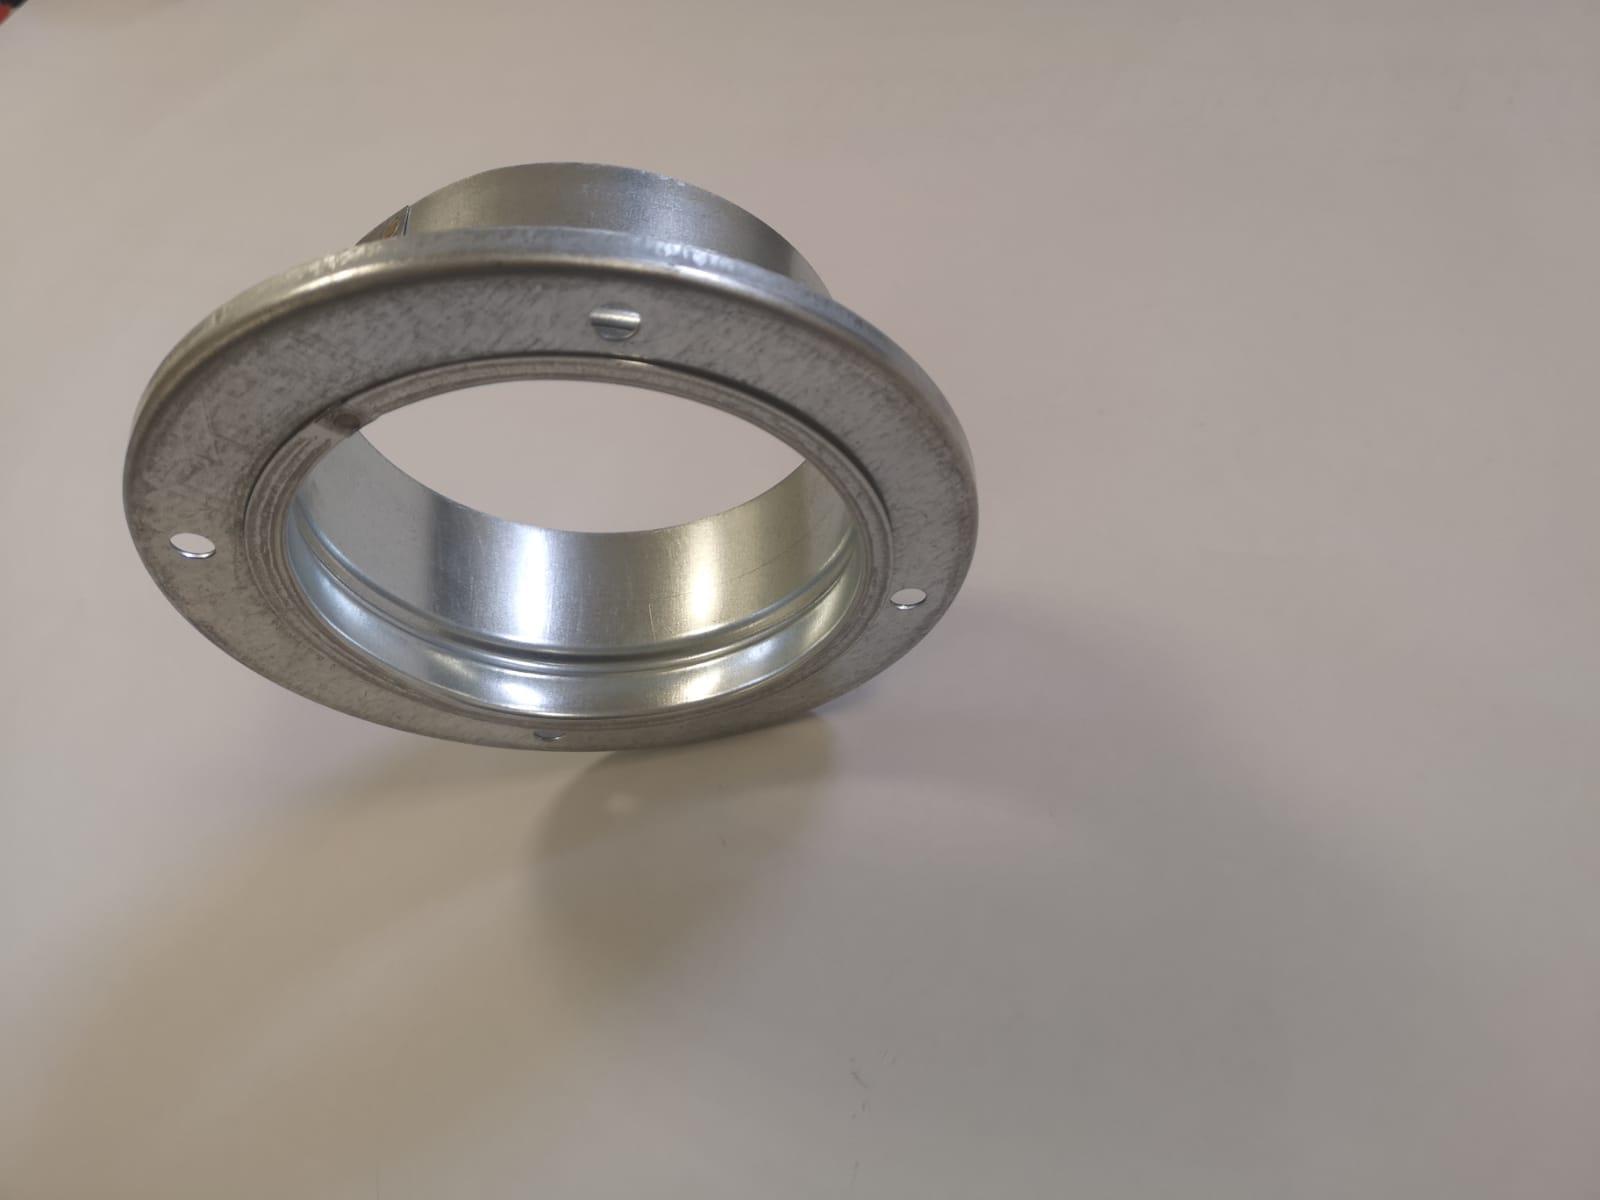 Collare porta flangia in acciaio zincato completo di flangia diametro 80 mm